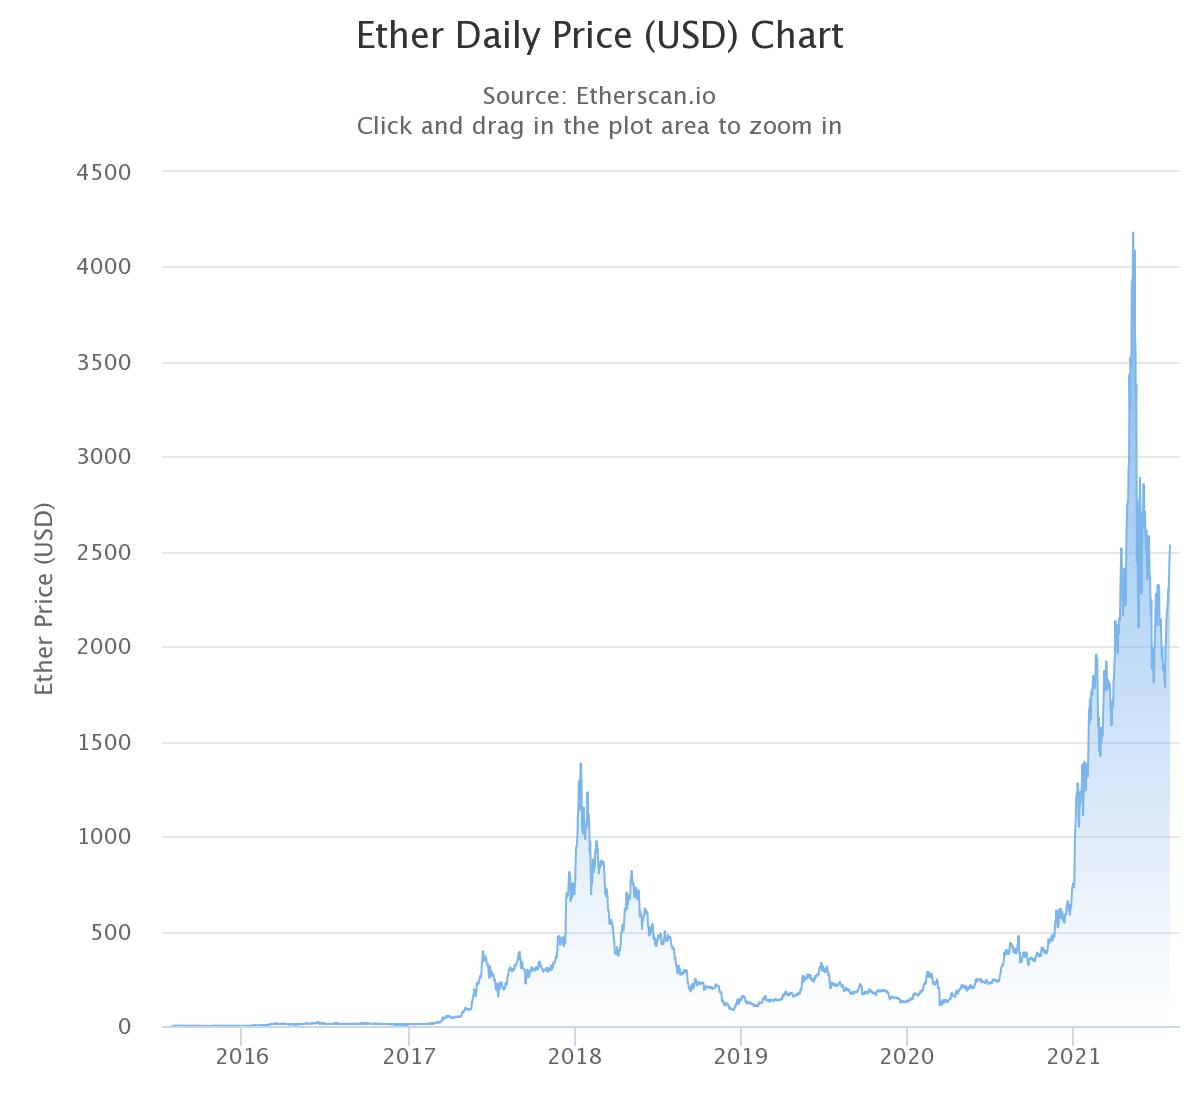 Эфир торгуется на самом высоком уровне с начала июня